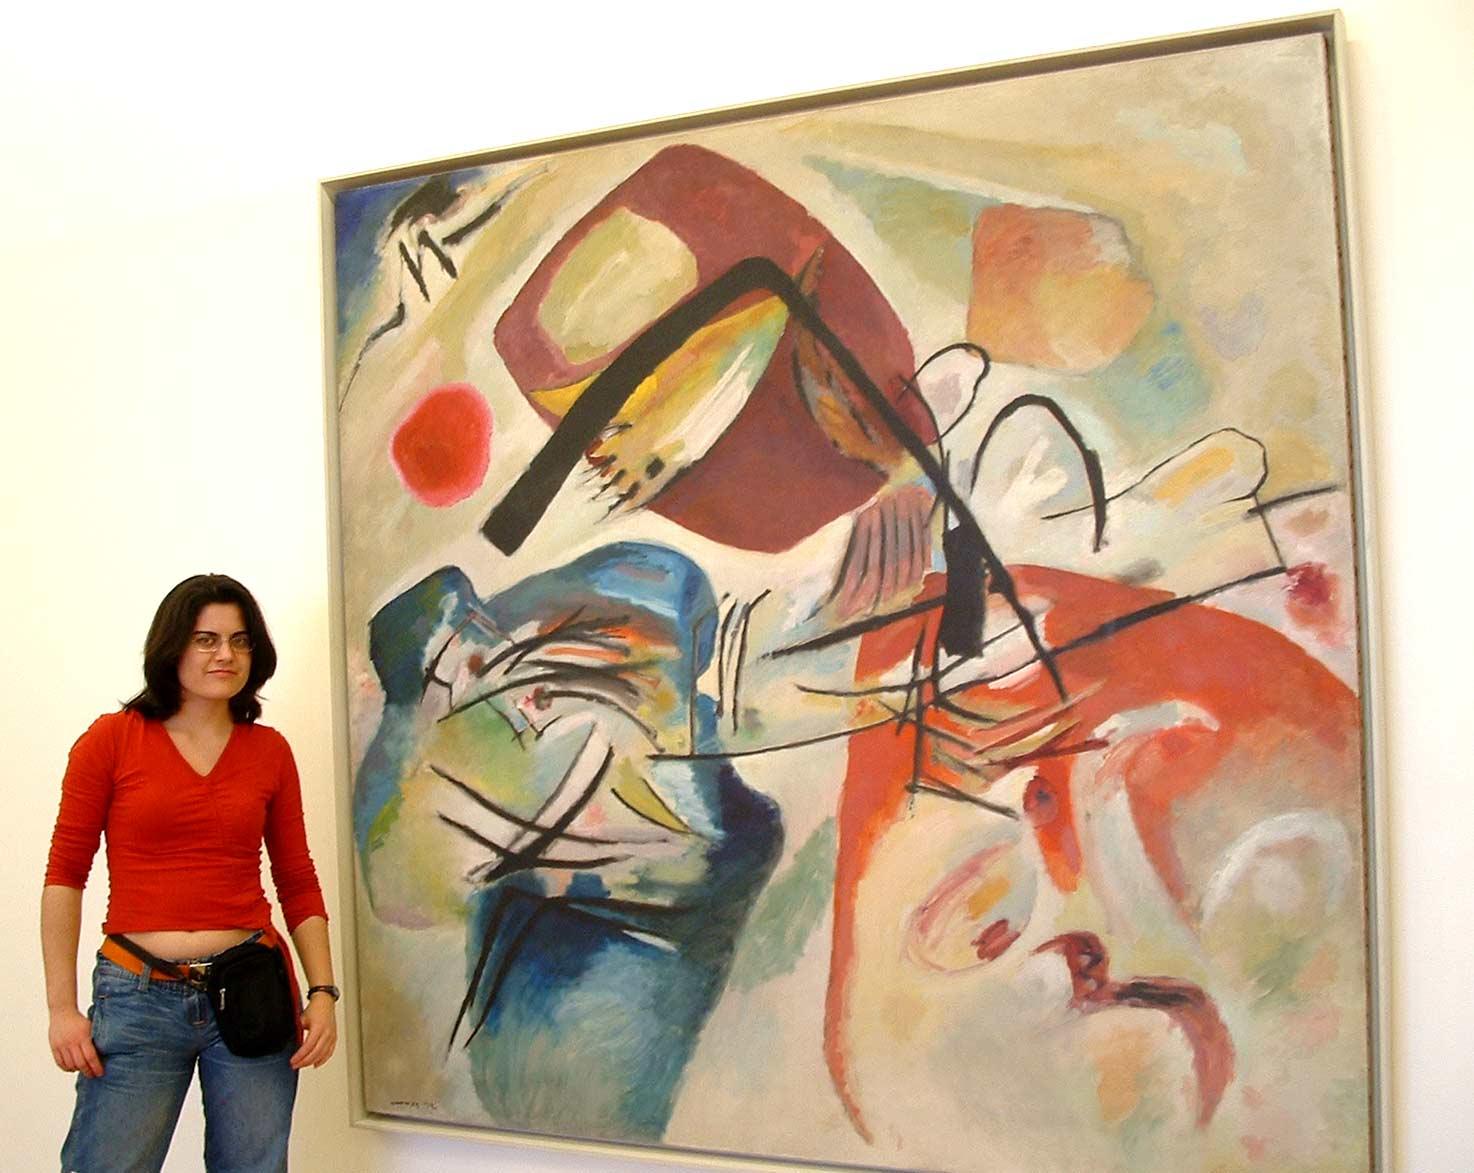 pintura de kandinsky en el museo